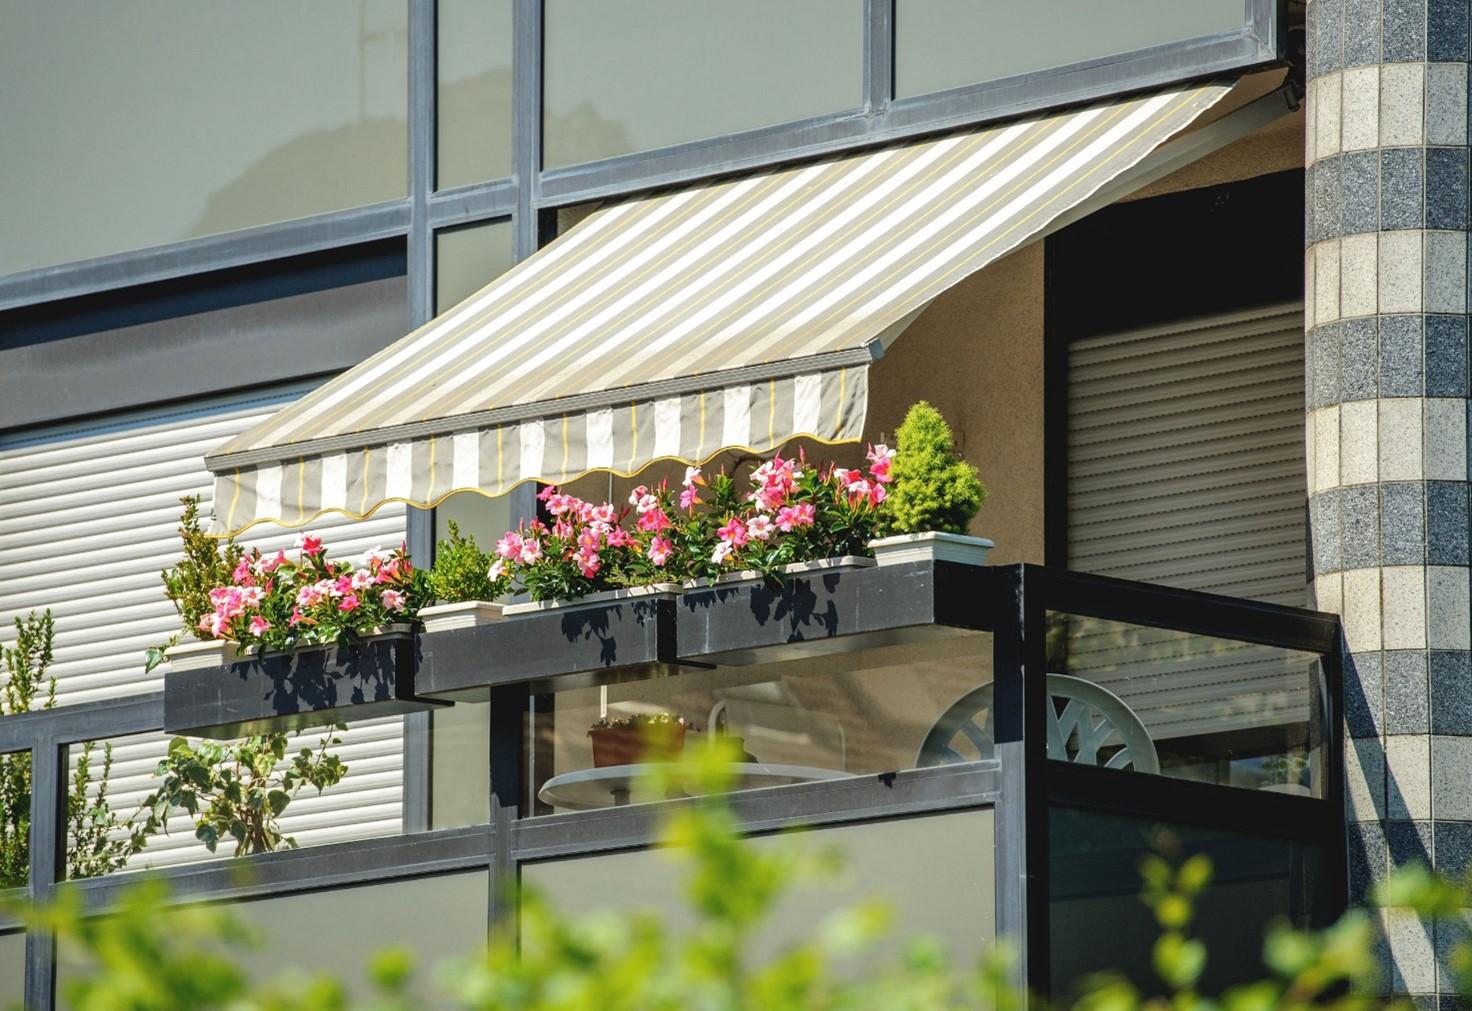 Markiza przeciwsłoneczna nad niewielkim balkonem